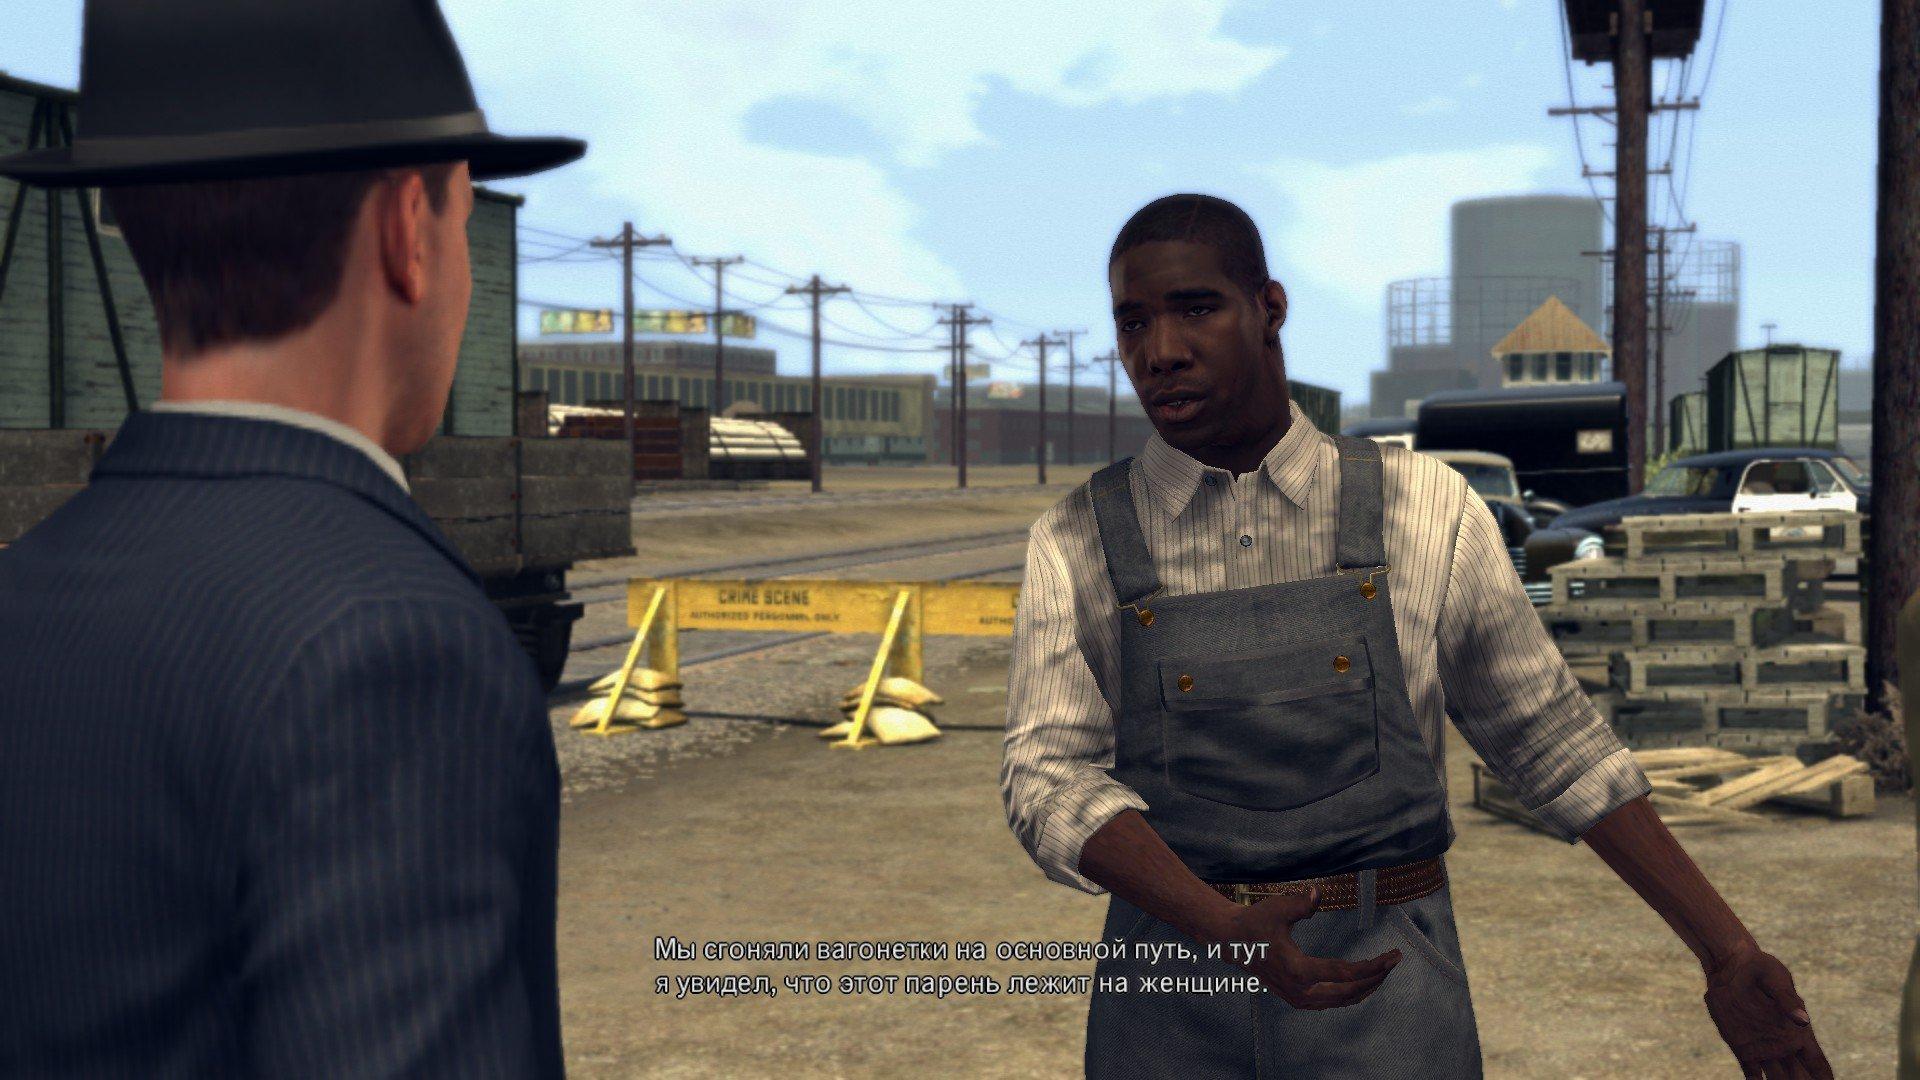 Пост-прохождение L.A. Noire Часть 12. - Изображение 21